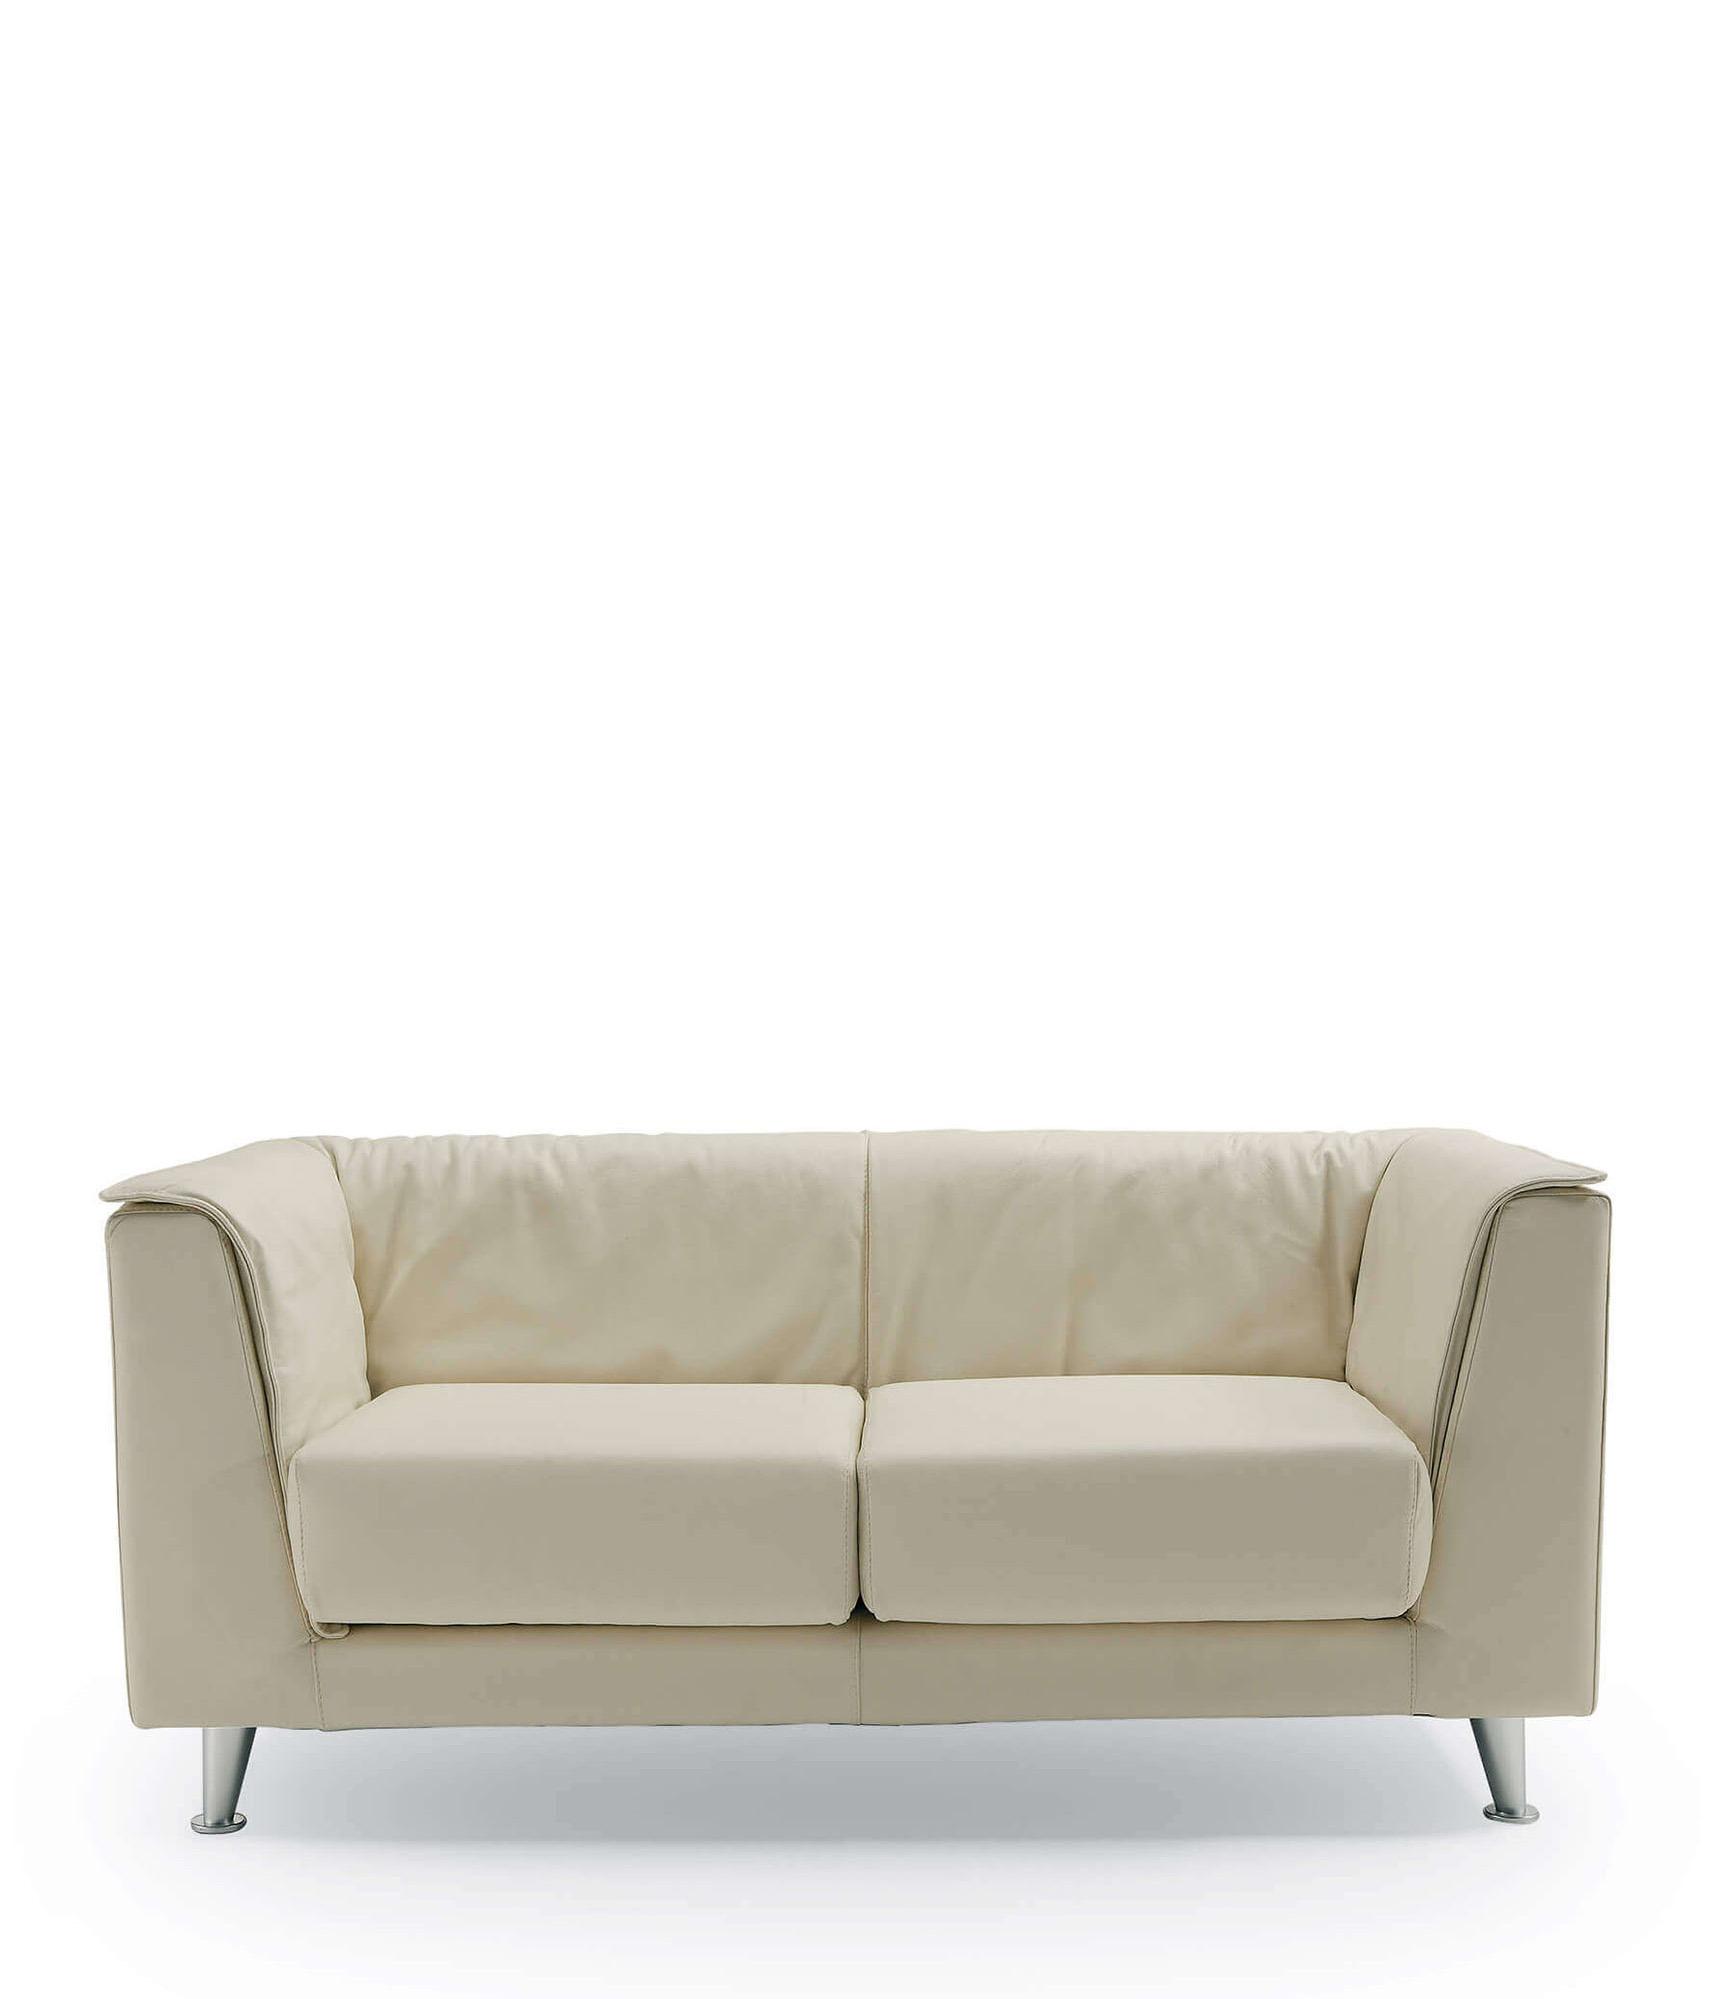 Poltrone e divani ufficio e sala attesa Compact